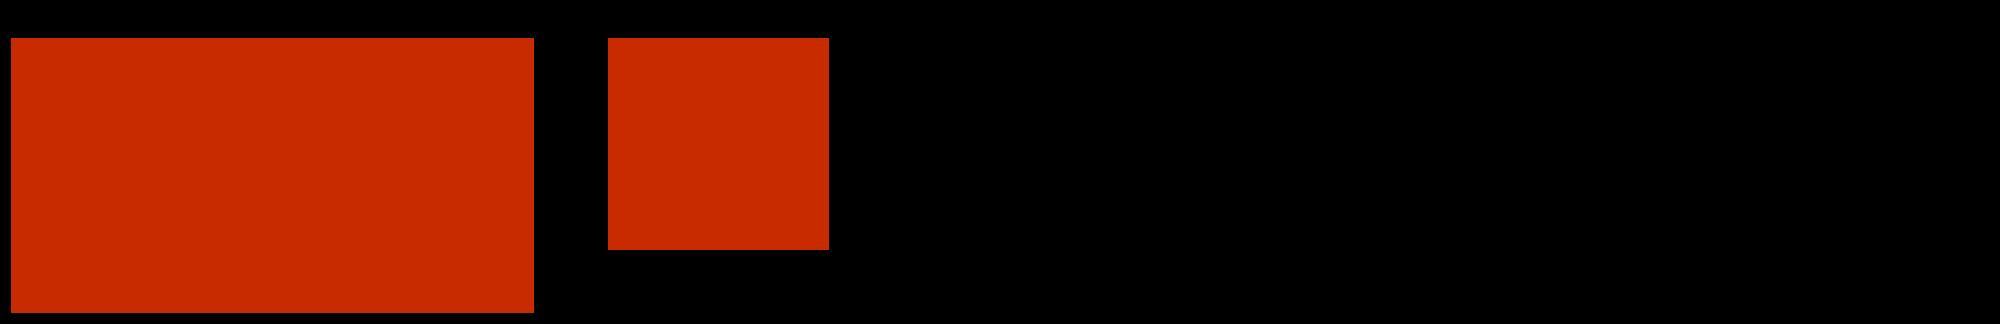 UniLiechtenstein